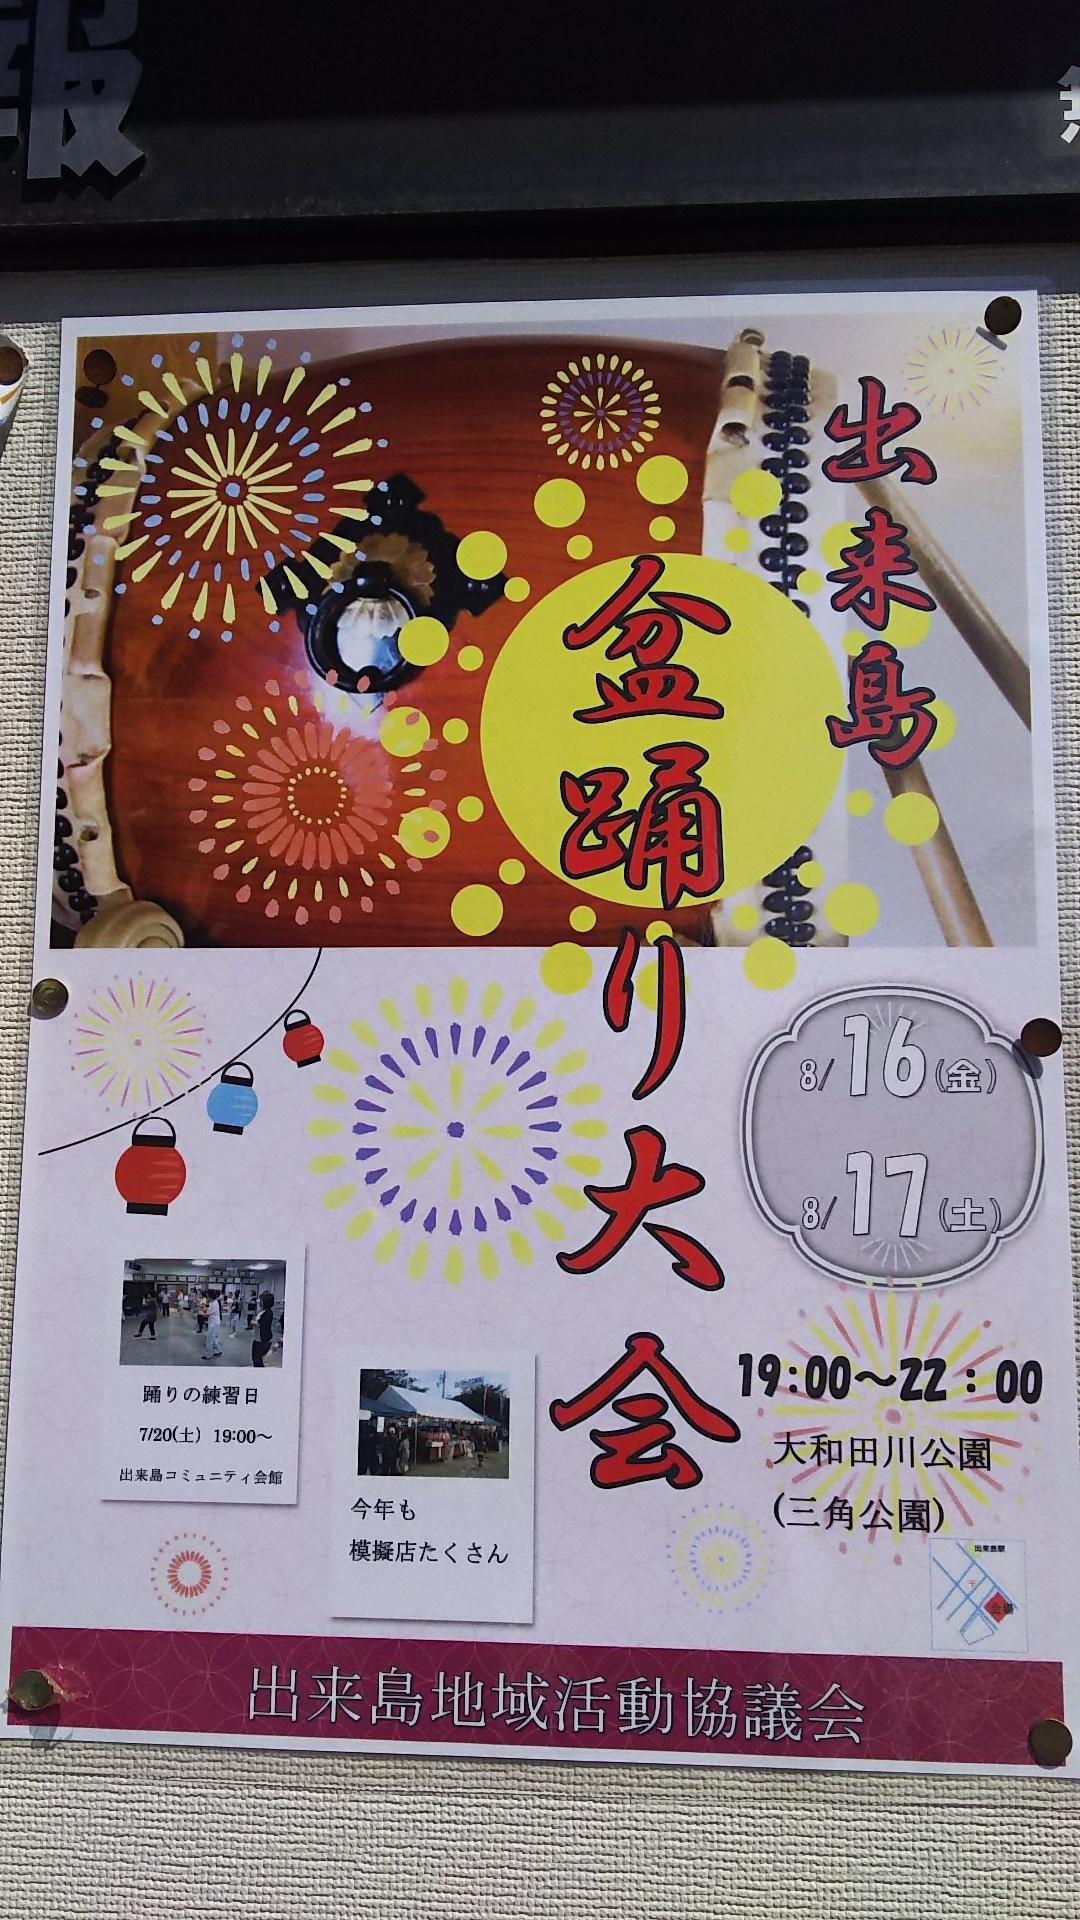 出来島盆踊り大会 2019